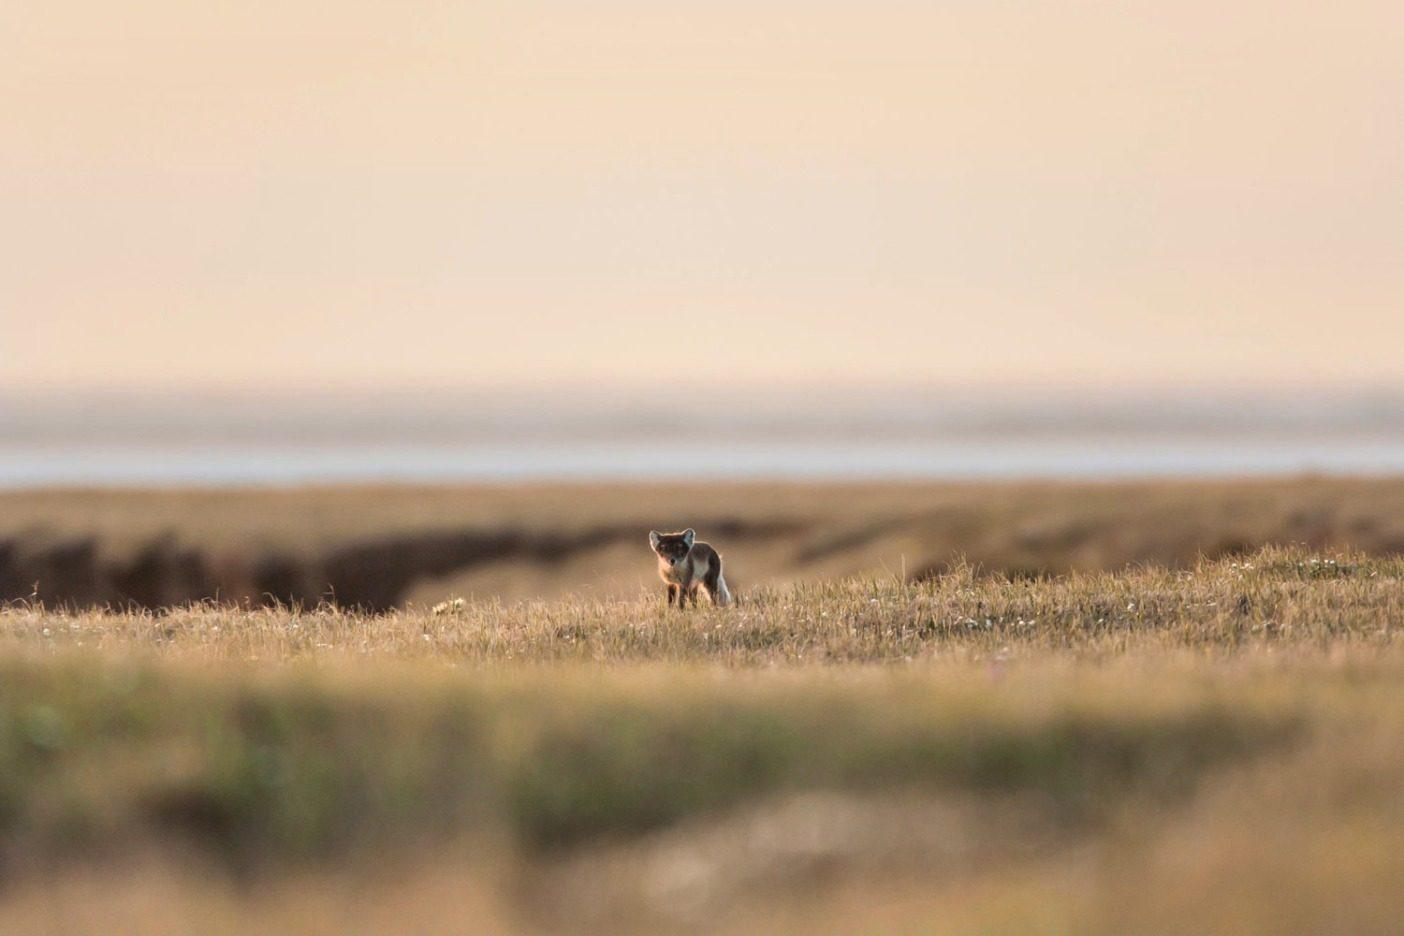 好奇心旺盛なホッキョクギツネ。北極圏国立野生生物保護区の海岸平野。背景はボーホート海。Photo: Nathaniel Wilder